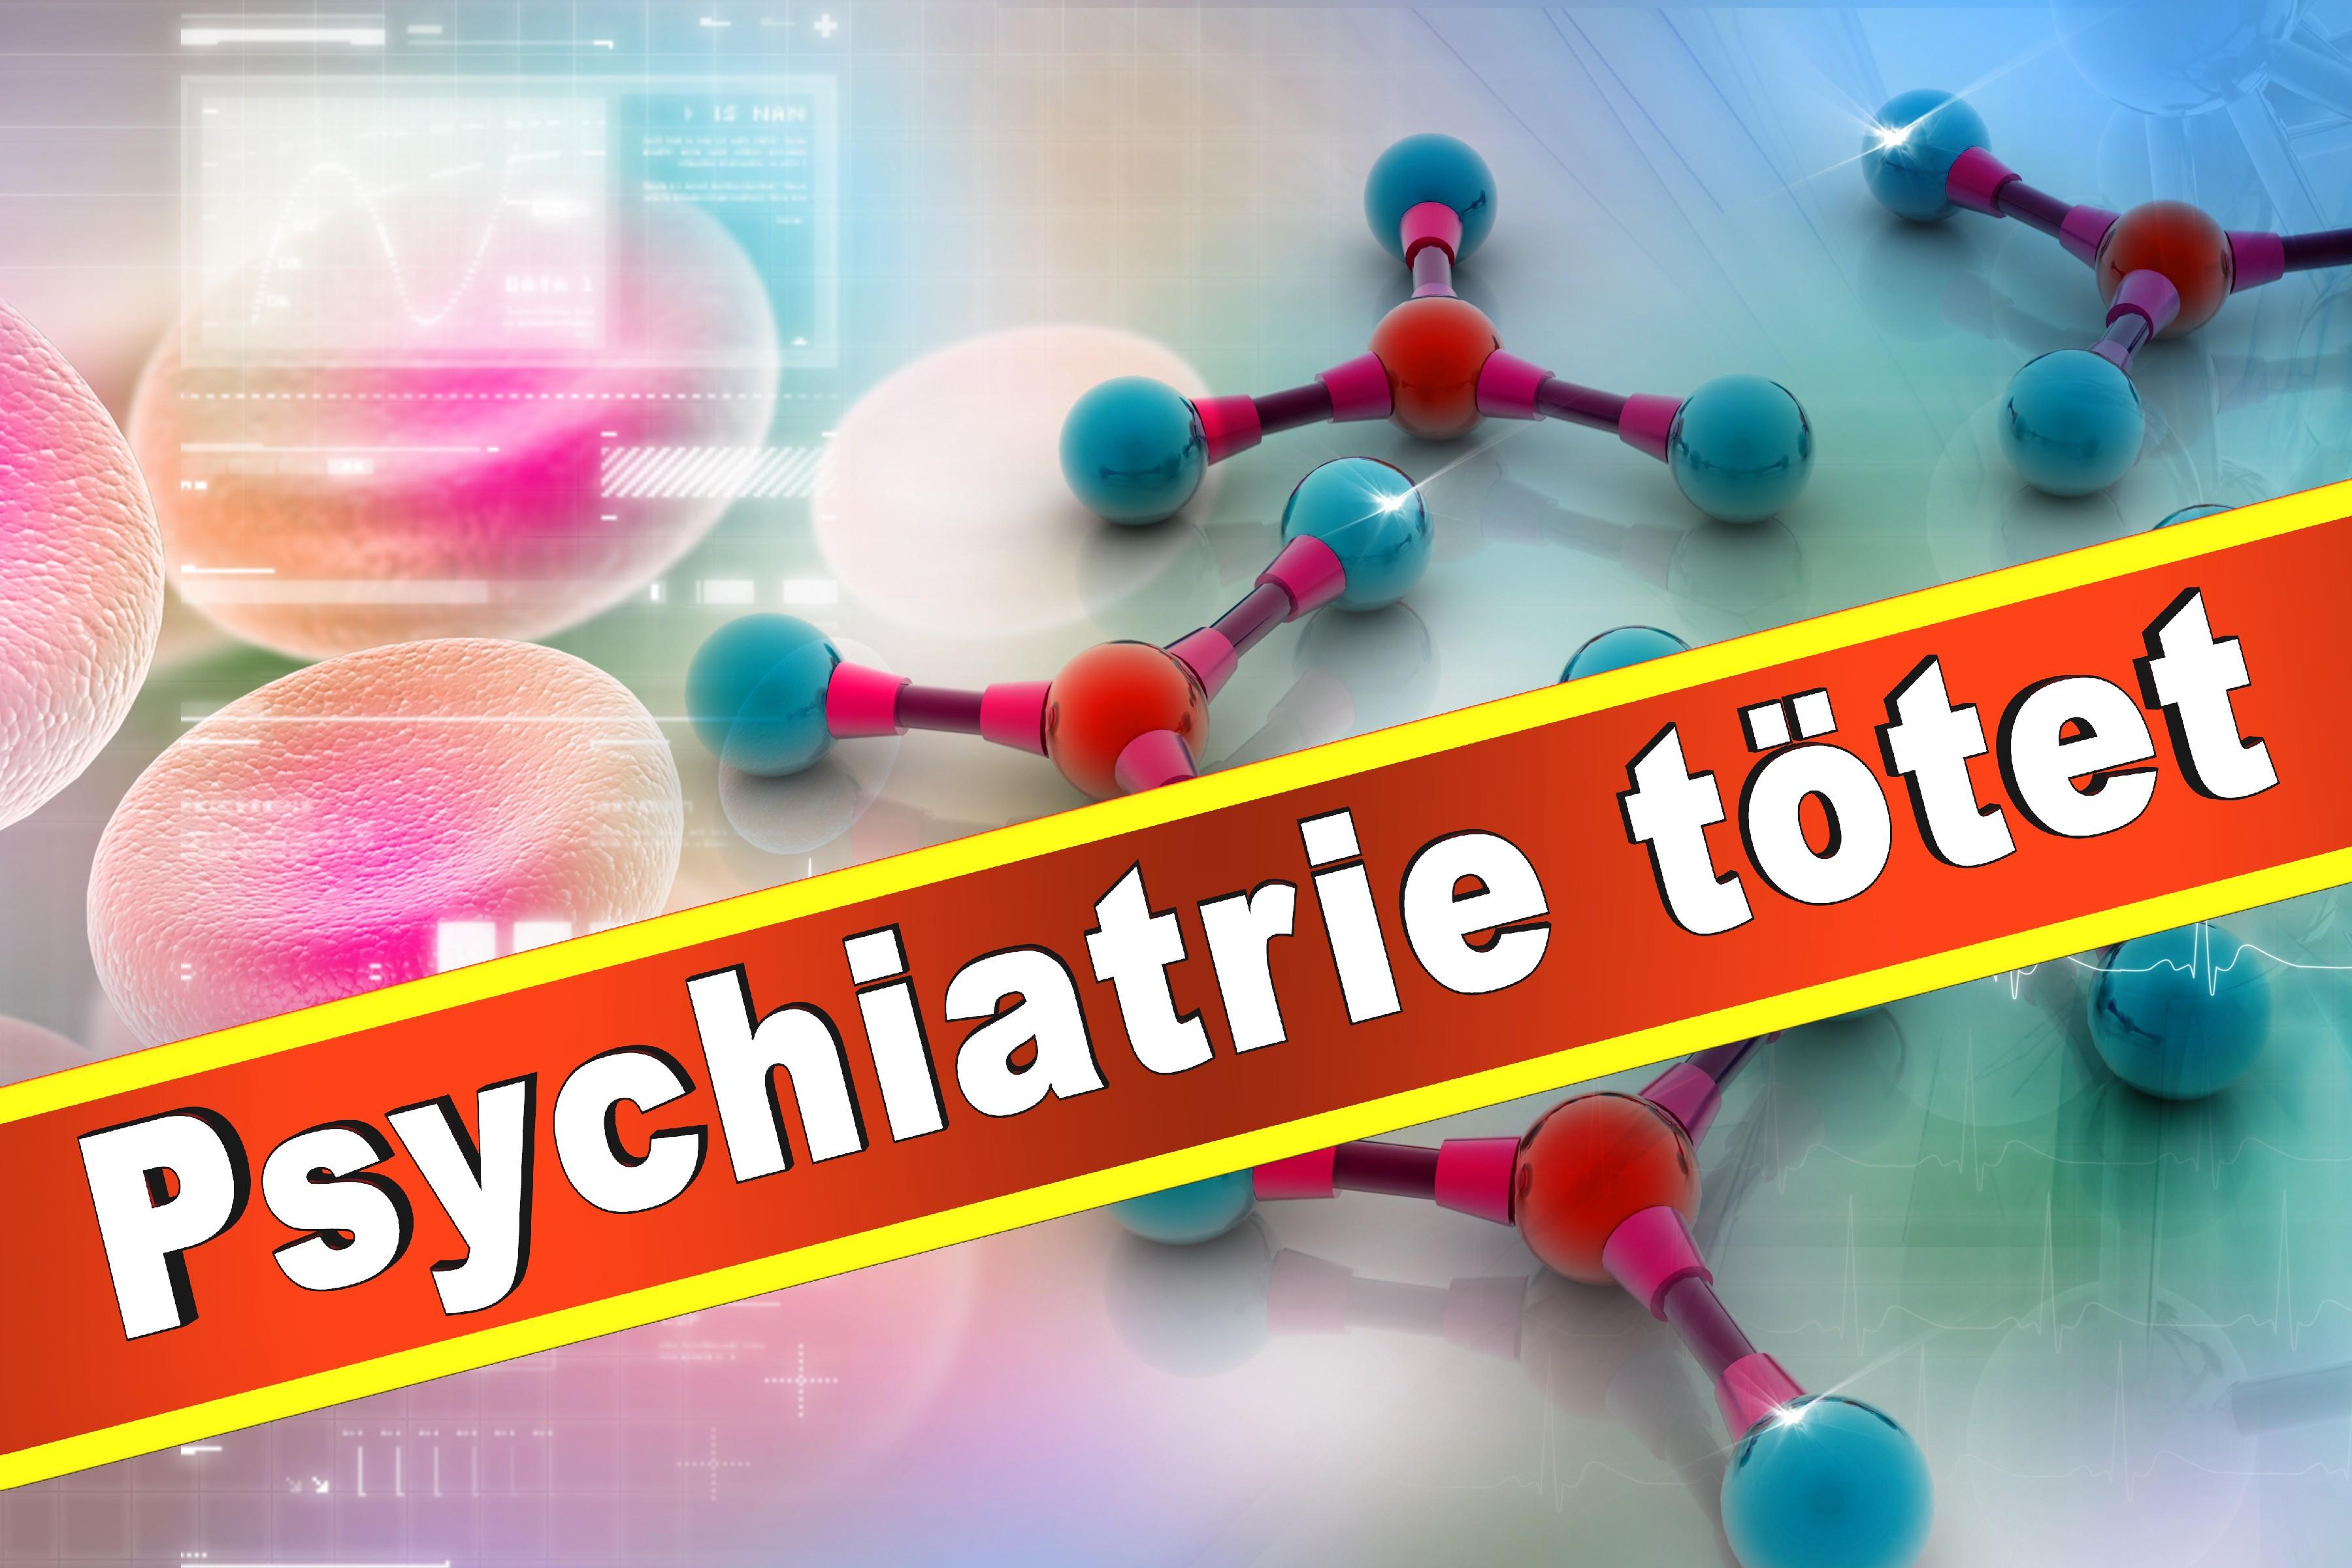 Carl Ernst Von Schönfeld Tagesklinik Medikamente Psychiatrie Tod Bethel Psychiater Korruption Gift Zwangspsychiatrie Unterbringung Friedhof Adolf Hitler Euthanasie (18)